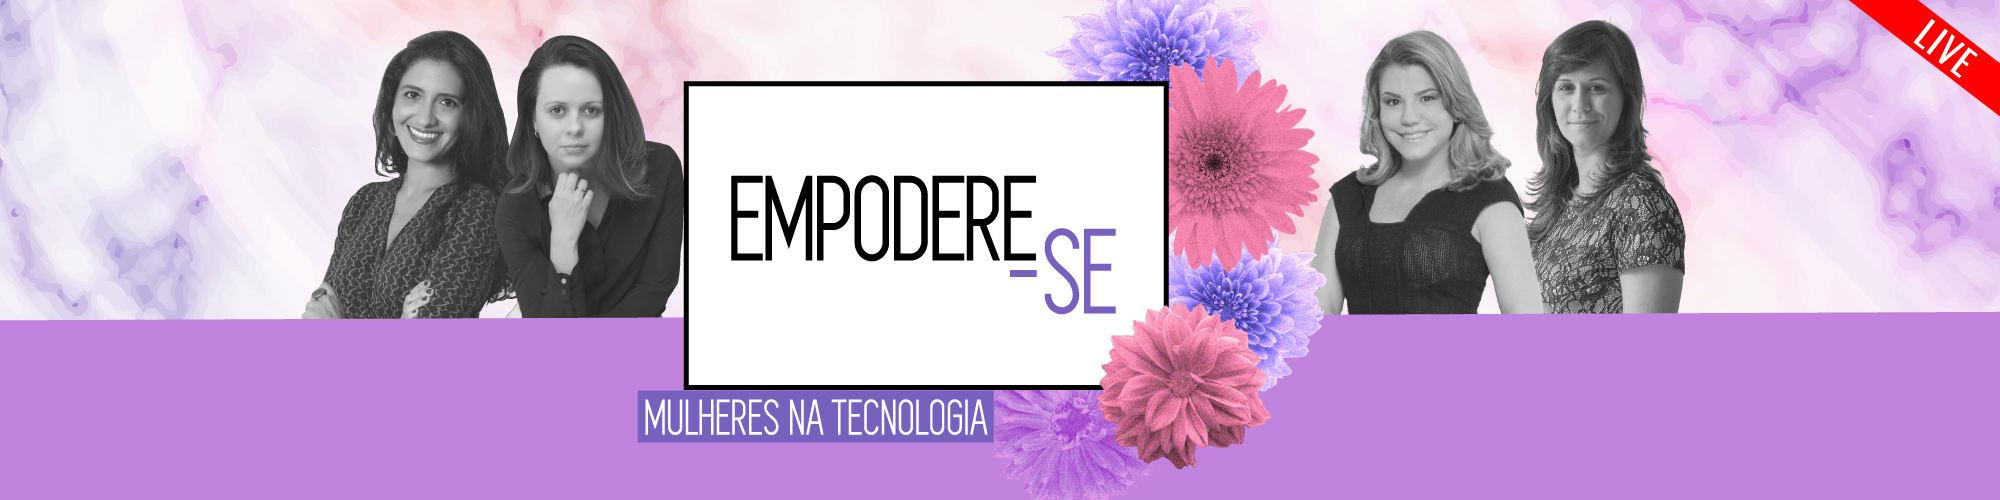 Grátis: 2ª palestra do Empodere-se debate papel das mulheres no mercado da tecnologia